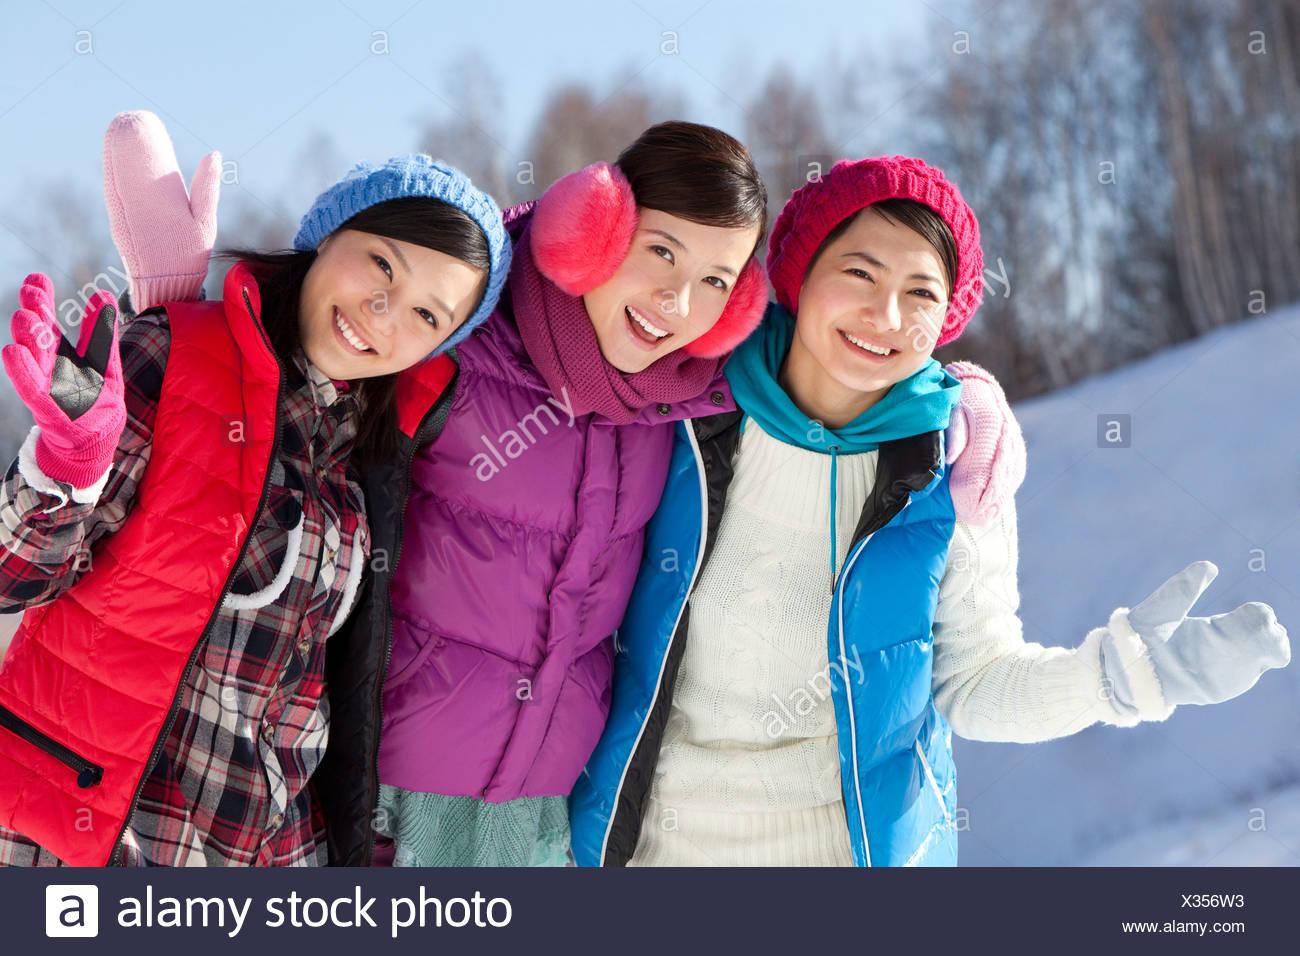 Las mujeres jóvenes felices en estación de esquí Imagen De Stock